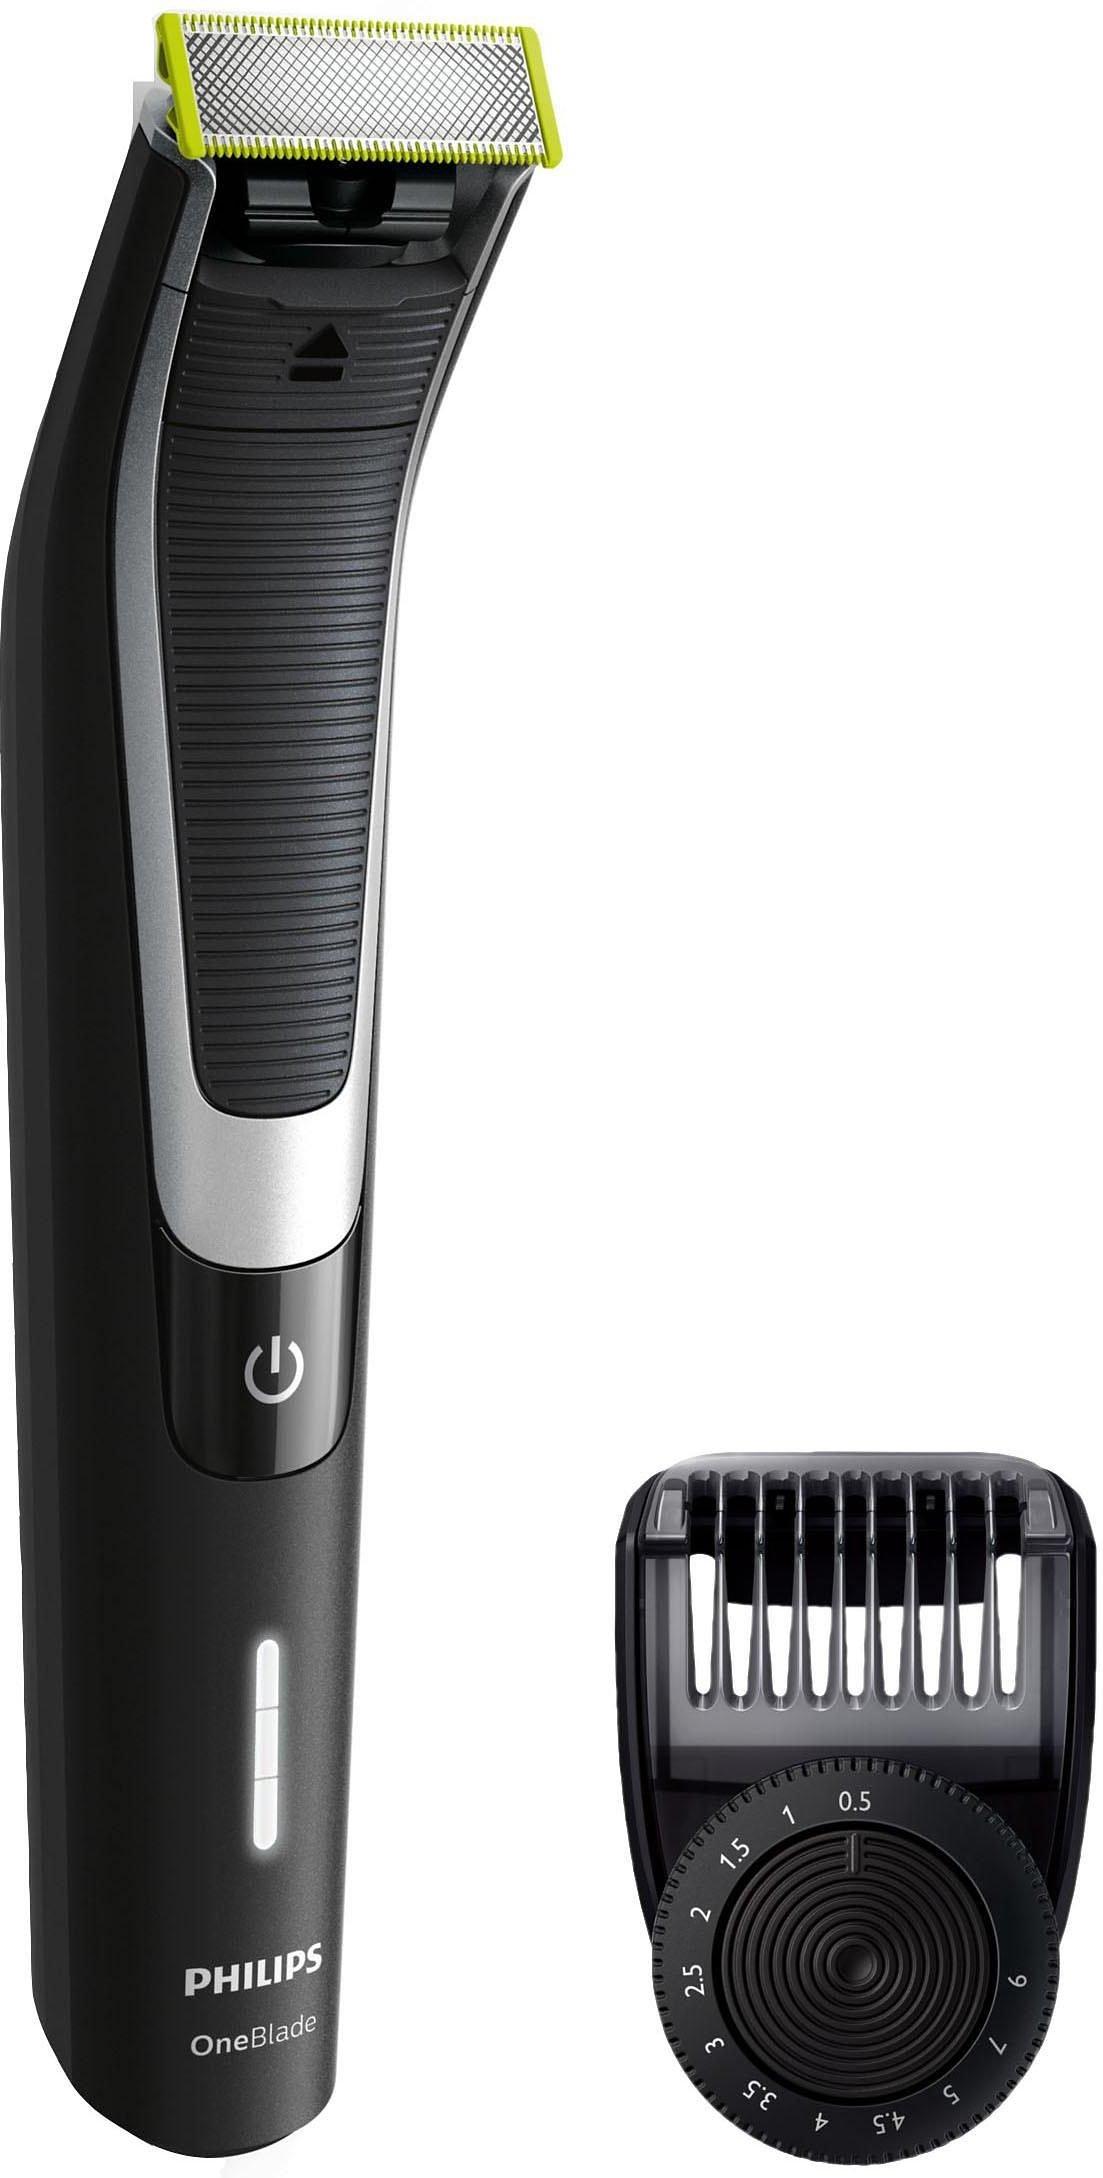 Philips Elektrorasierer OneBlade Pro QP6510/30 Anzahl Aufsätze: 1 SmartClick-Präzisionstrimmer